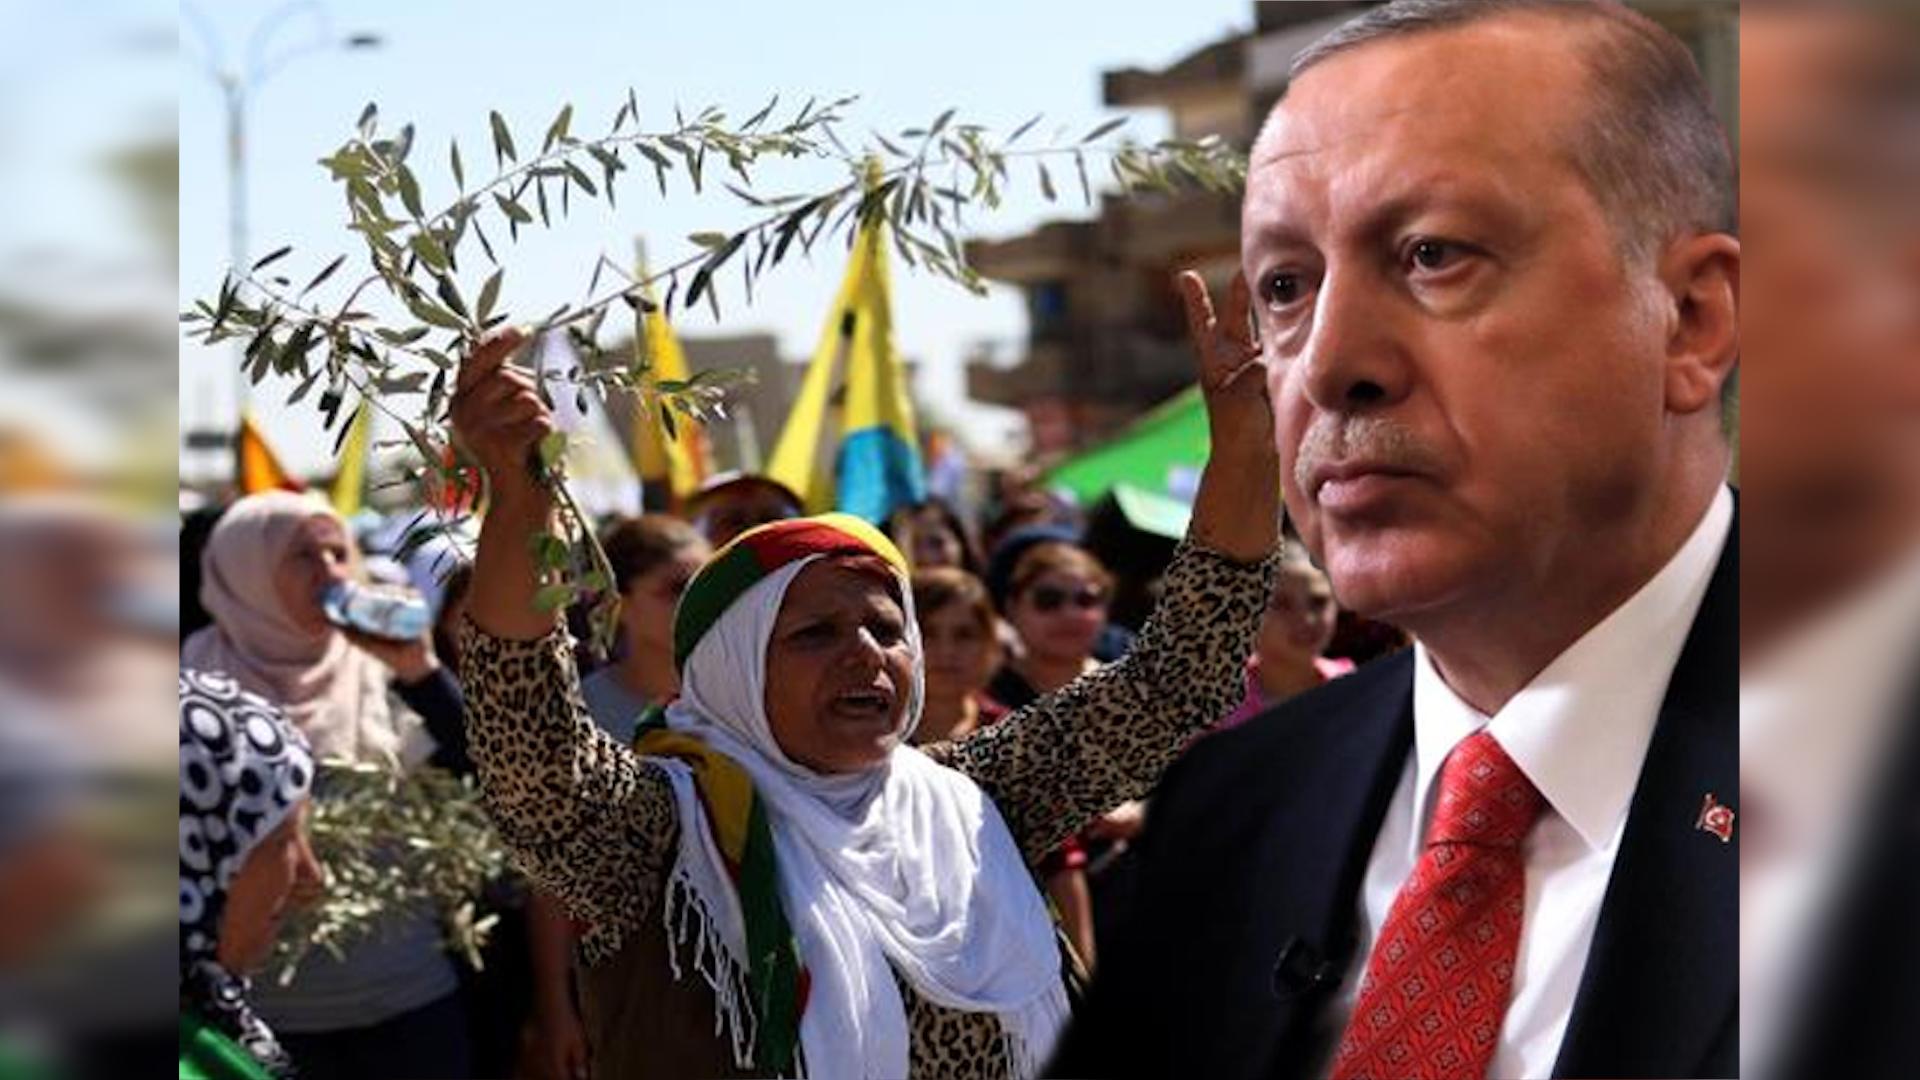 """Photo of صحيفة إسرائيلية: """"المنطقة الآمنة"""" حسب الرؤية التركية ستؤدي إلى عودة داعش وإبادة الكرد"""